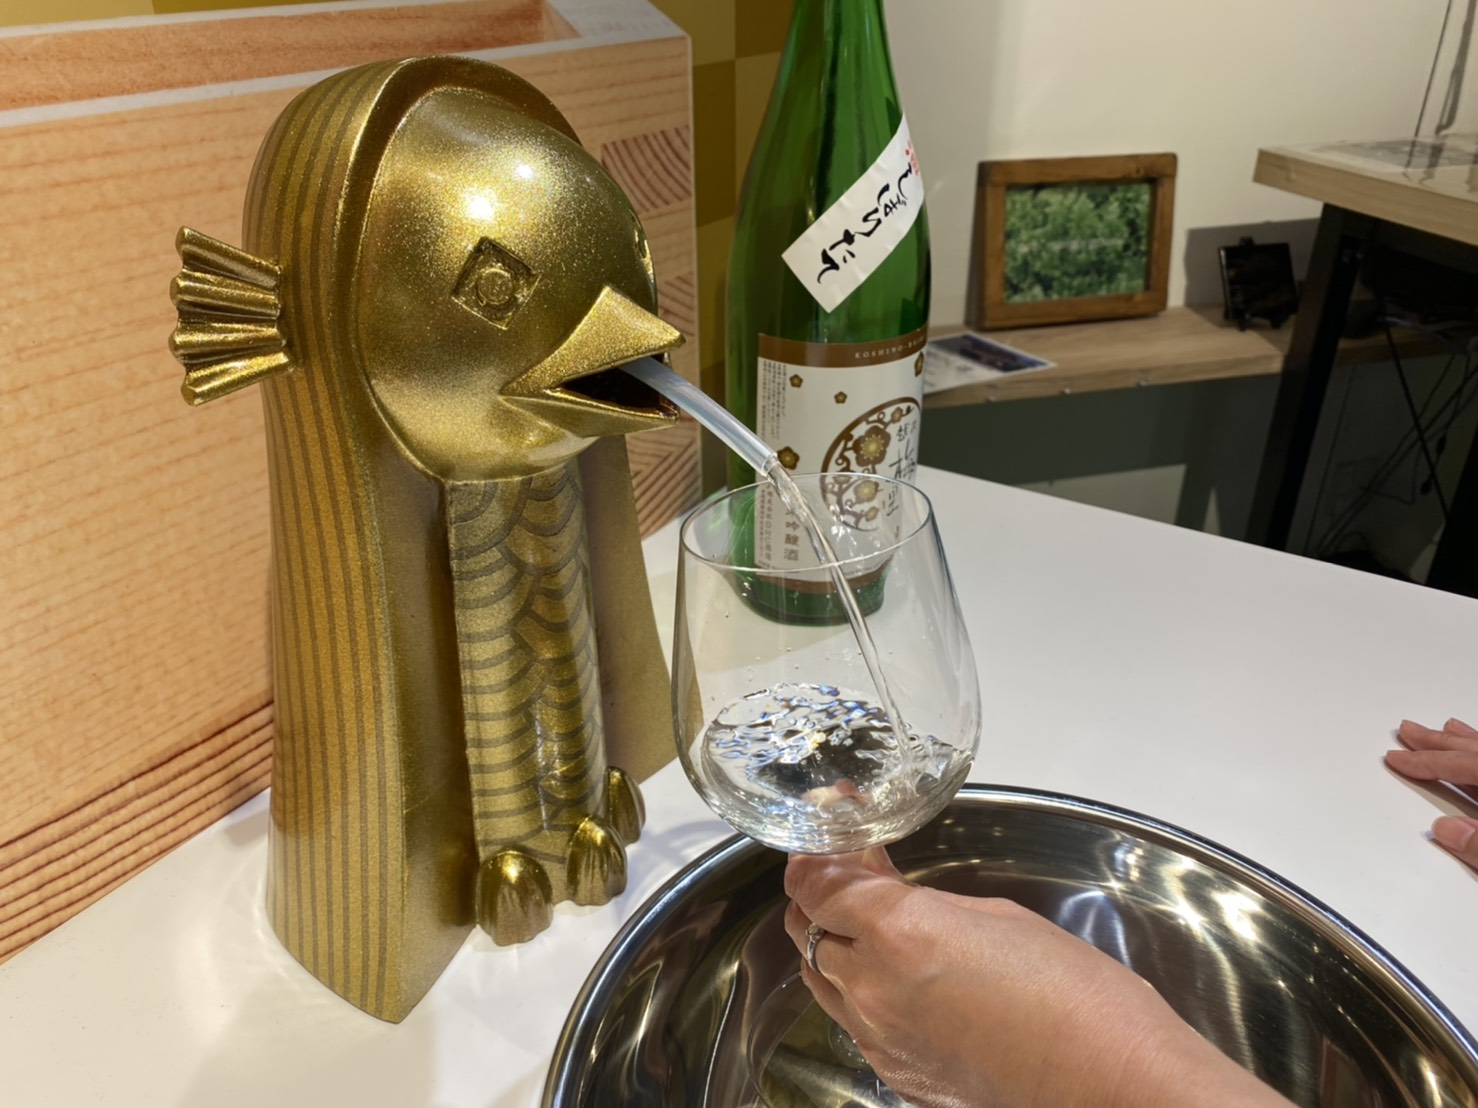 記事 新潟の酒蔵を応援!「蛇口から日本酒」がなんばに初登場しますのアイキャッチ画像